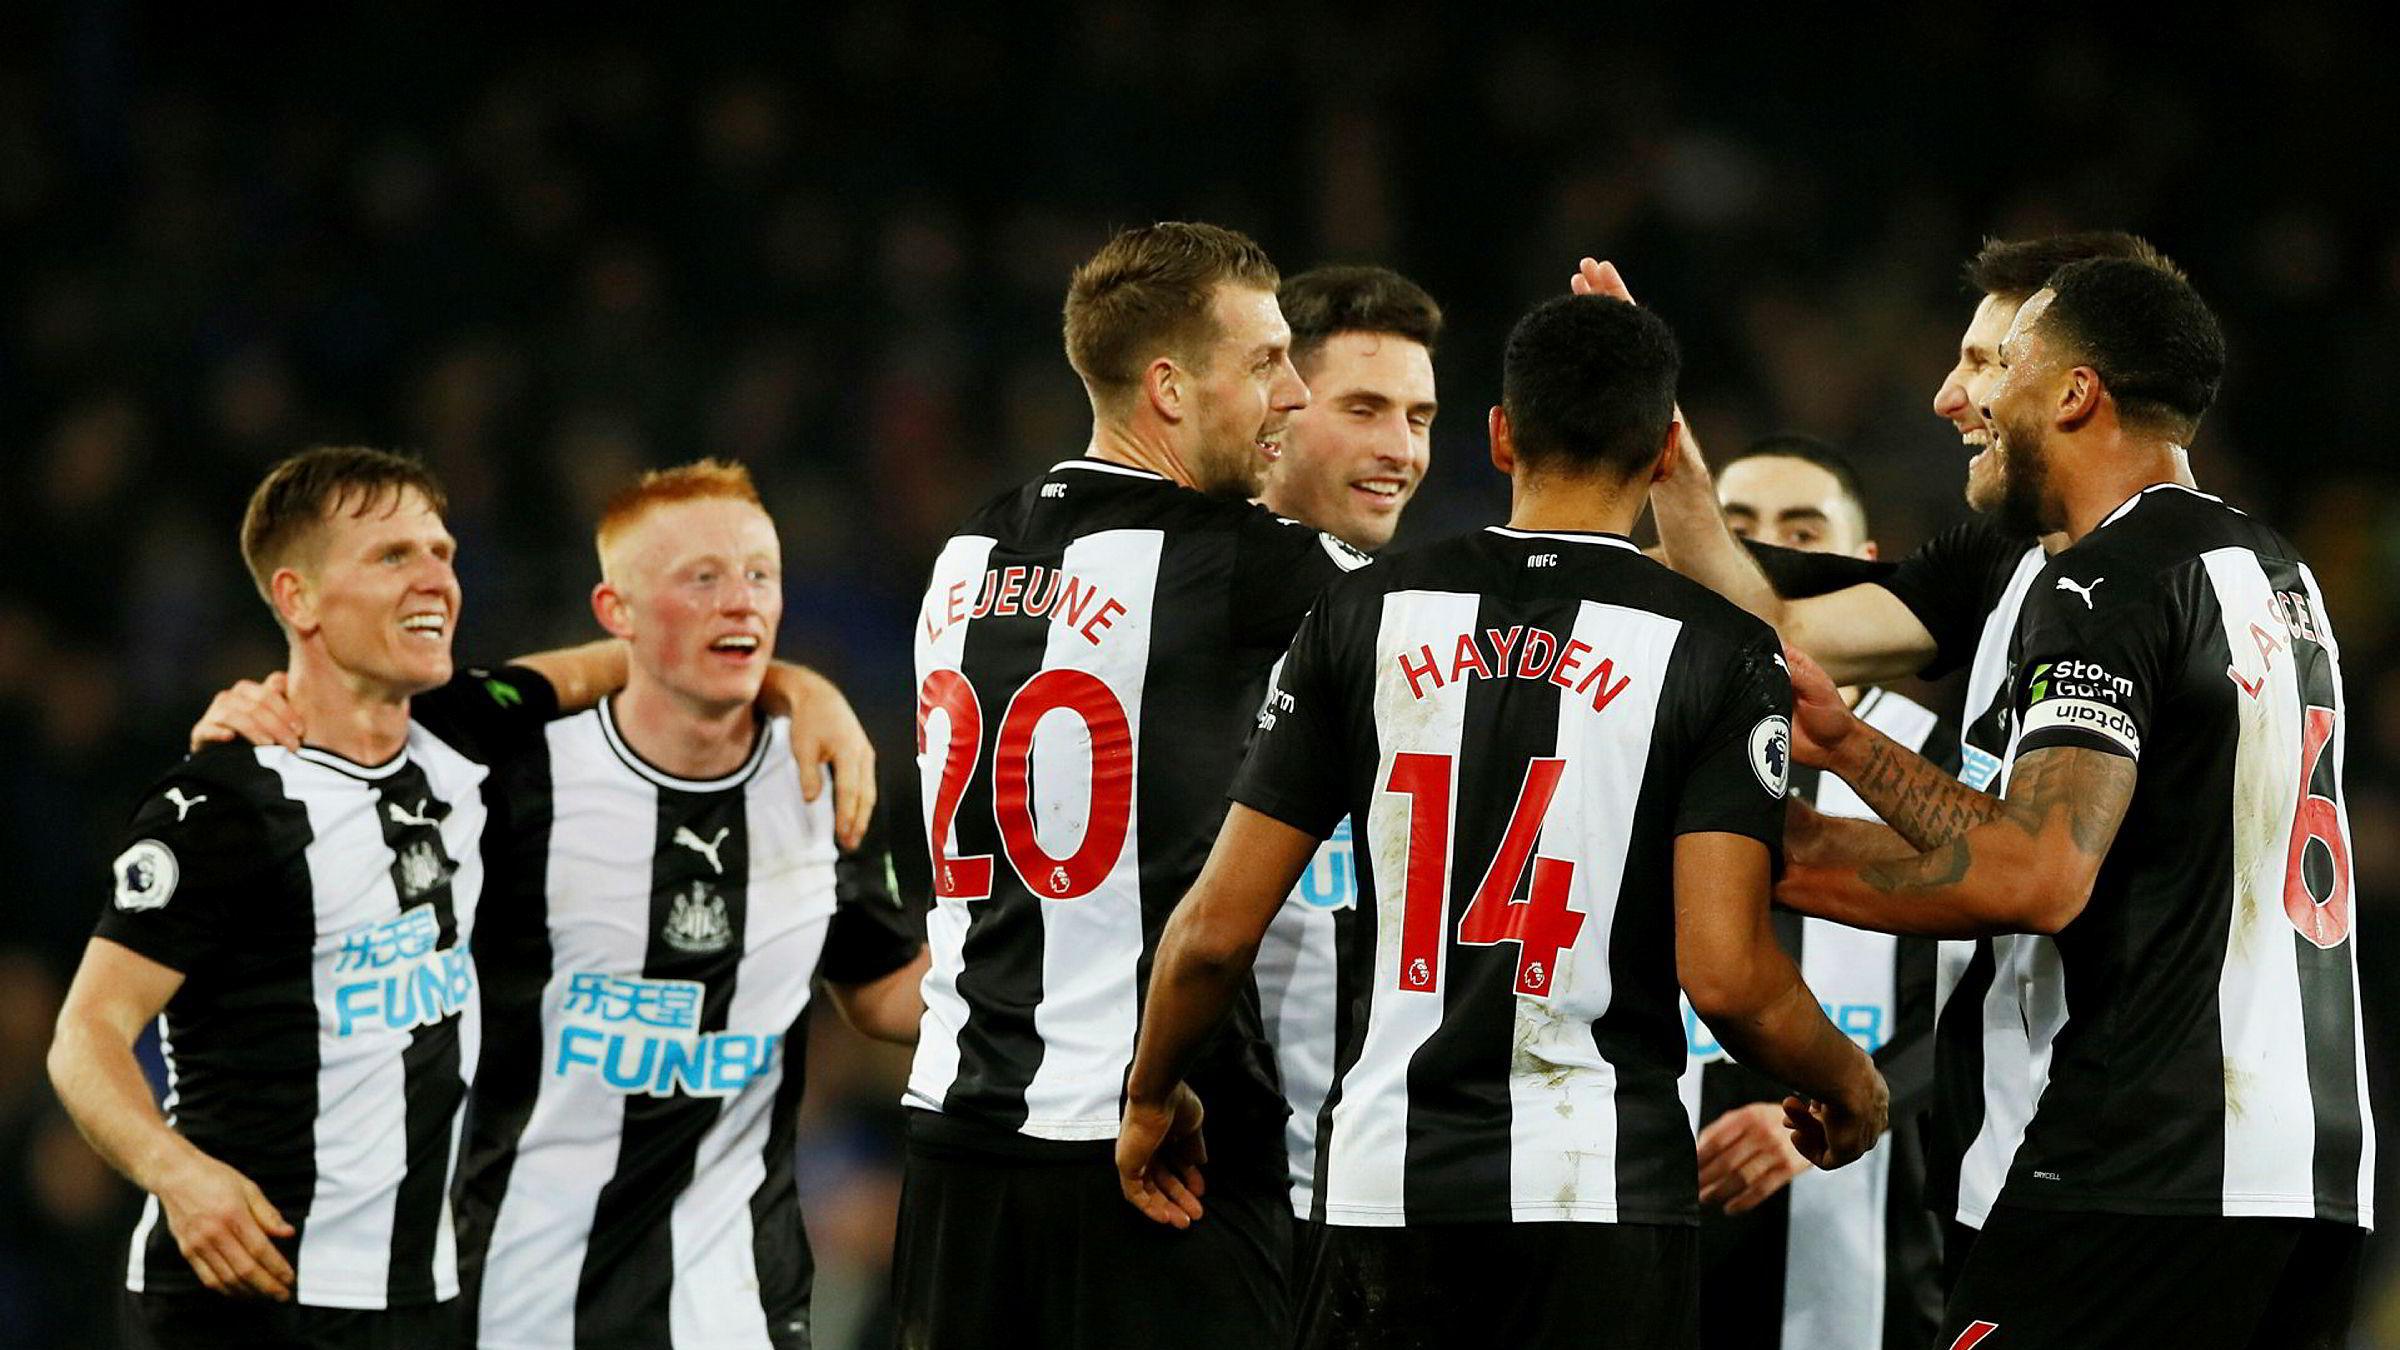 Tyneside-klubben Newcastle United, som figurerte tungt i filmen «Goal» fra 2005, skal ifølge WSJ nærme seg å bli kjøpt opp. Avbildet er Newcastle-spillere som feirer mål i 2-2-kampen mot Everton tidligere denne uken.